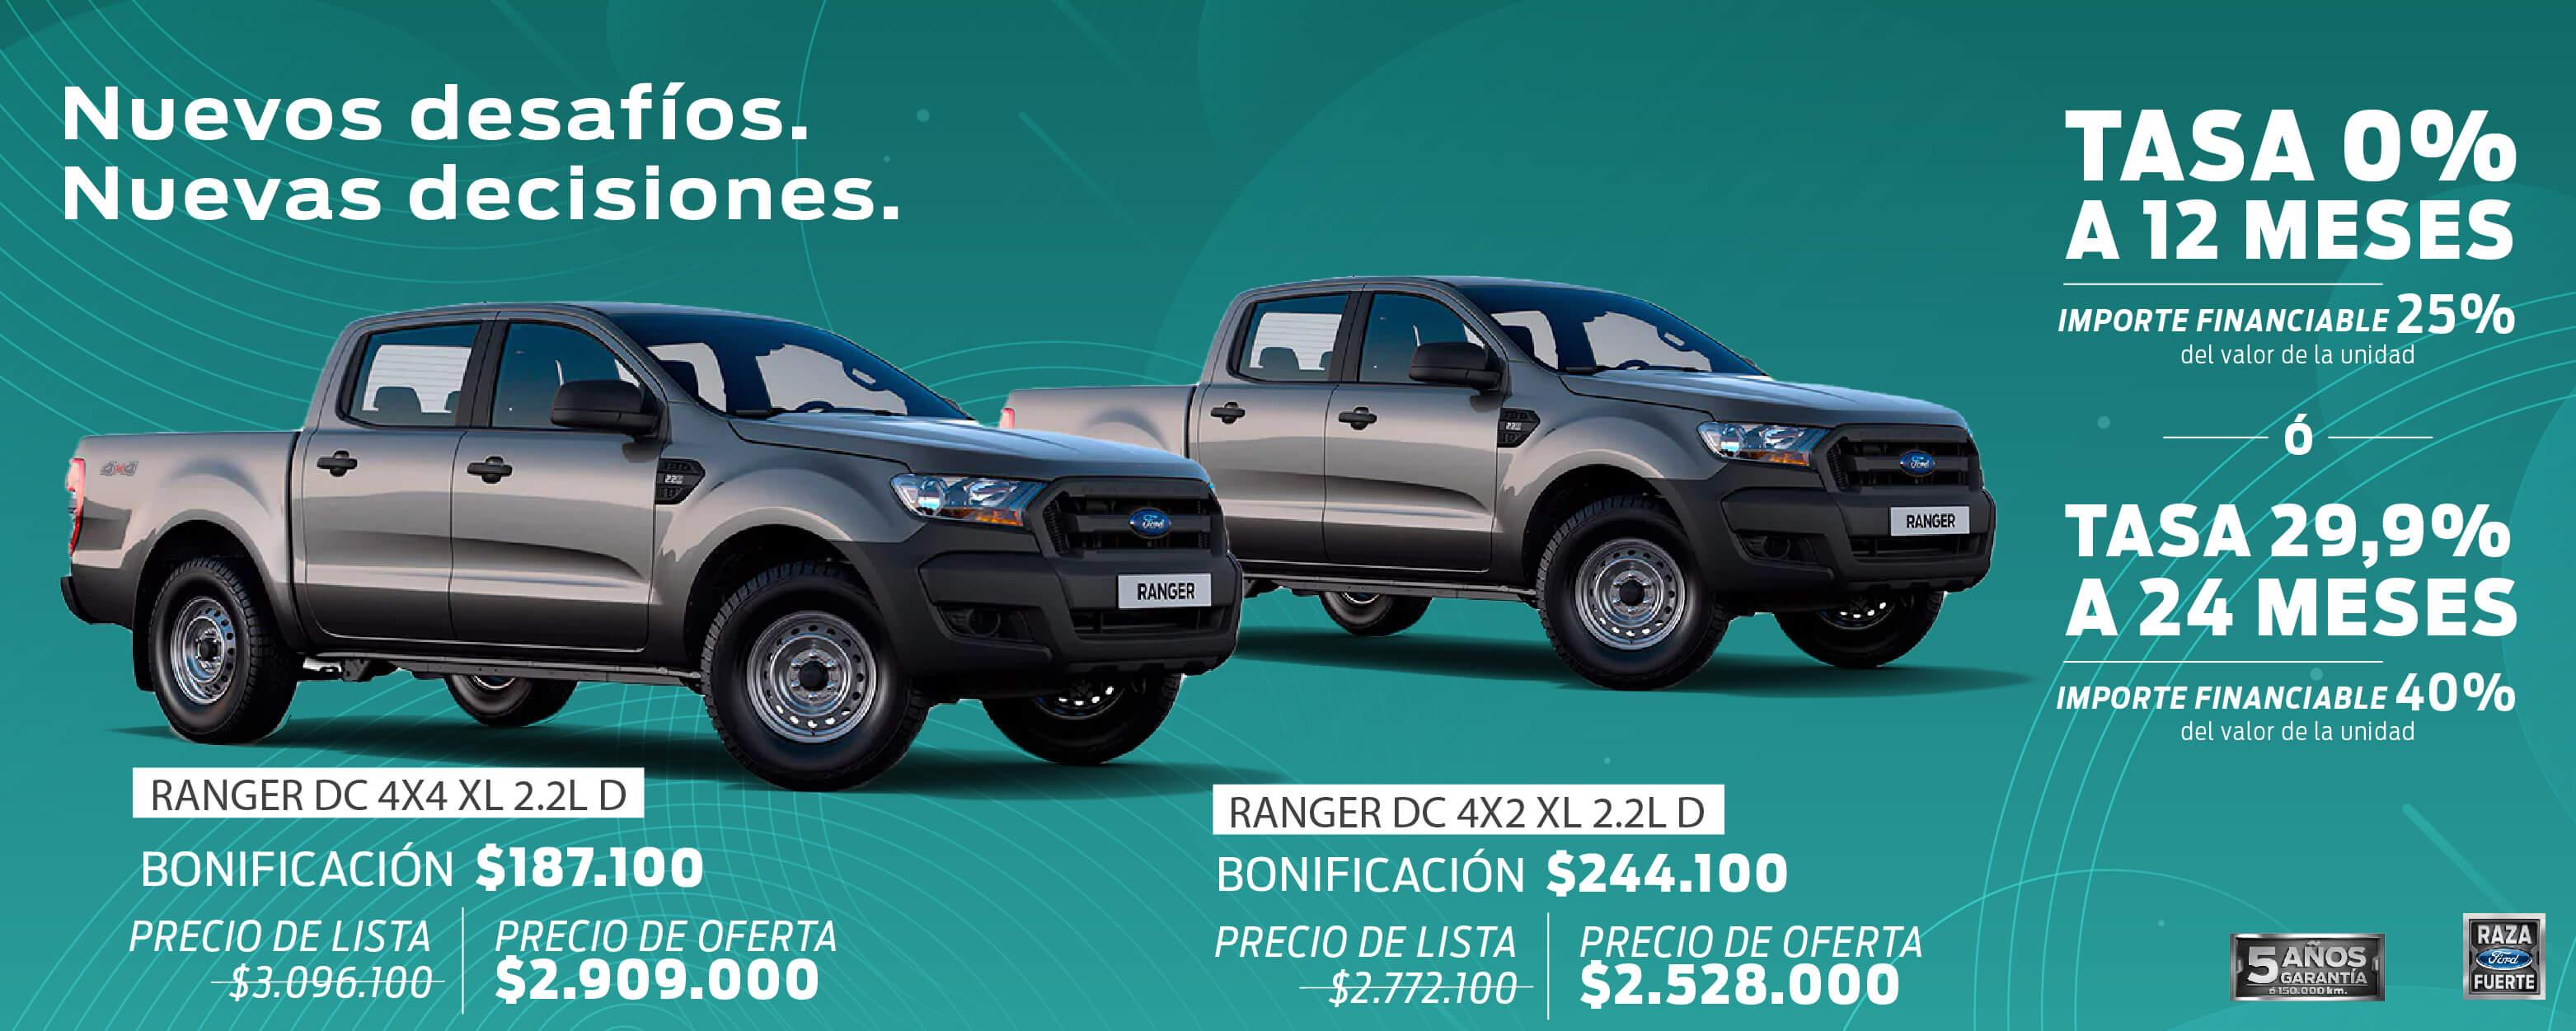 Ranger XL  Guspamar